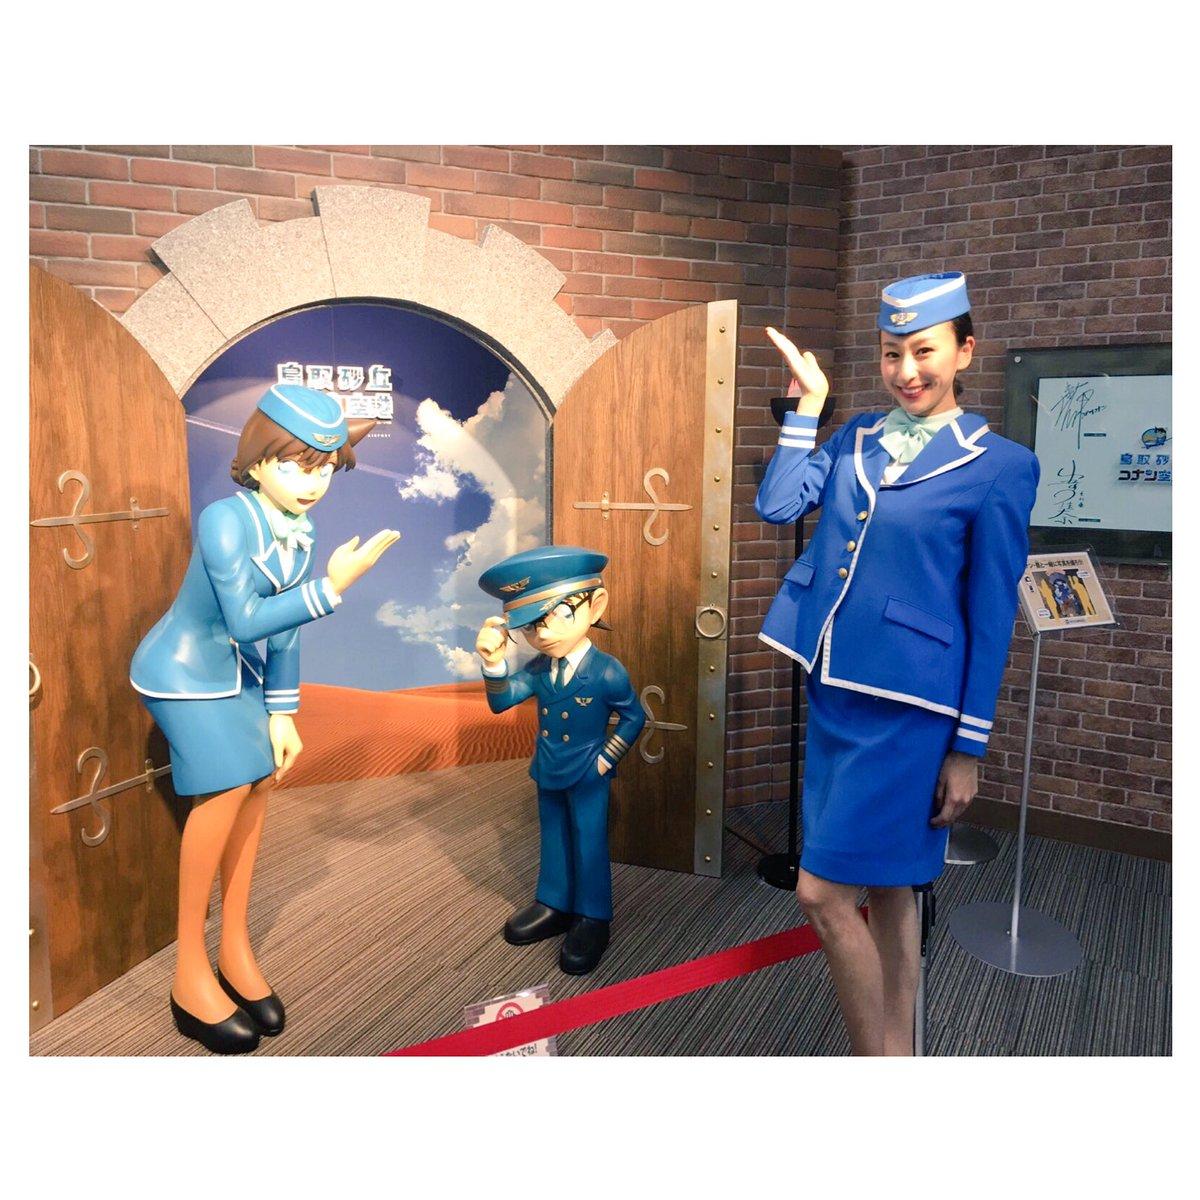 浅田舞が鳥取でコナン空港に足を運び蘭ちゃんの制服を着用。